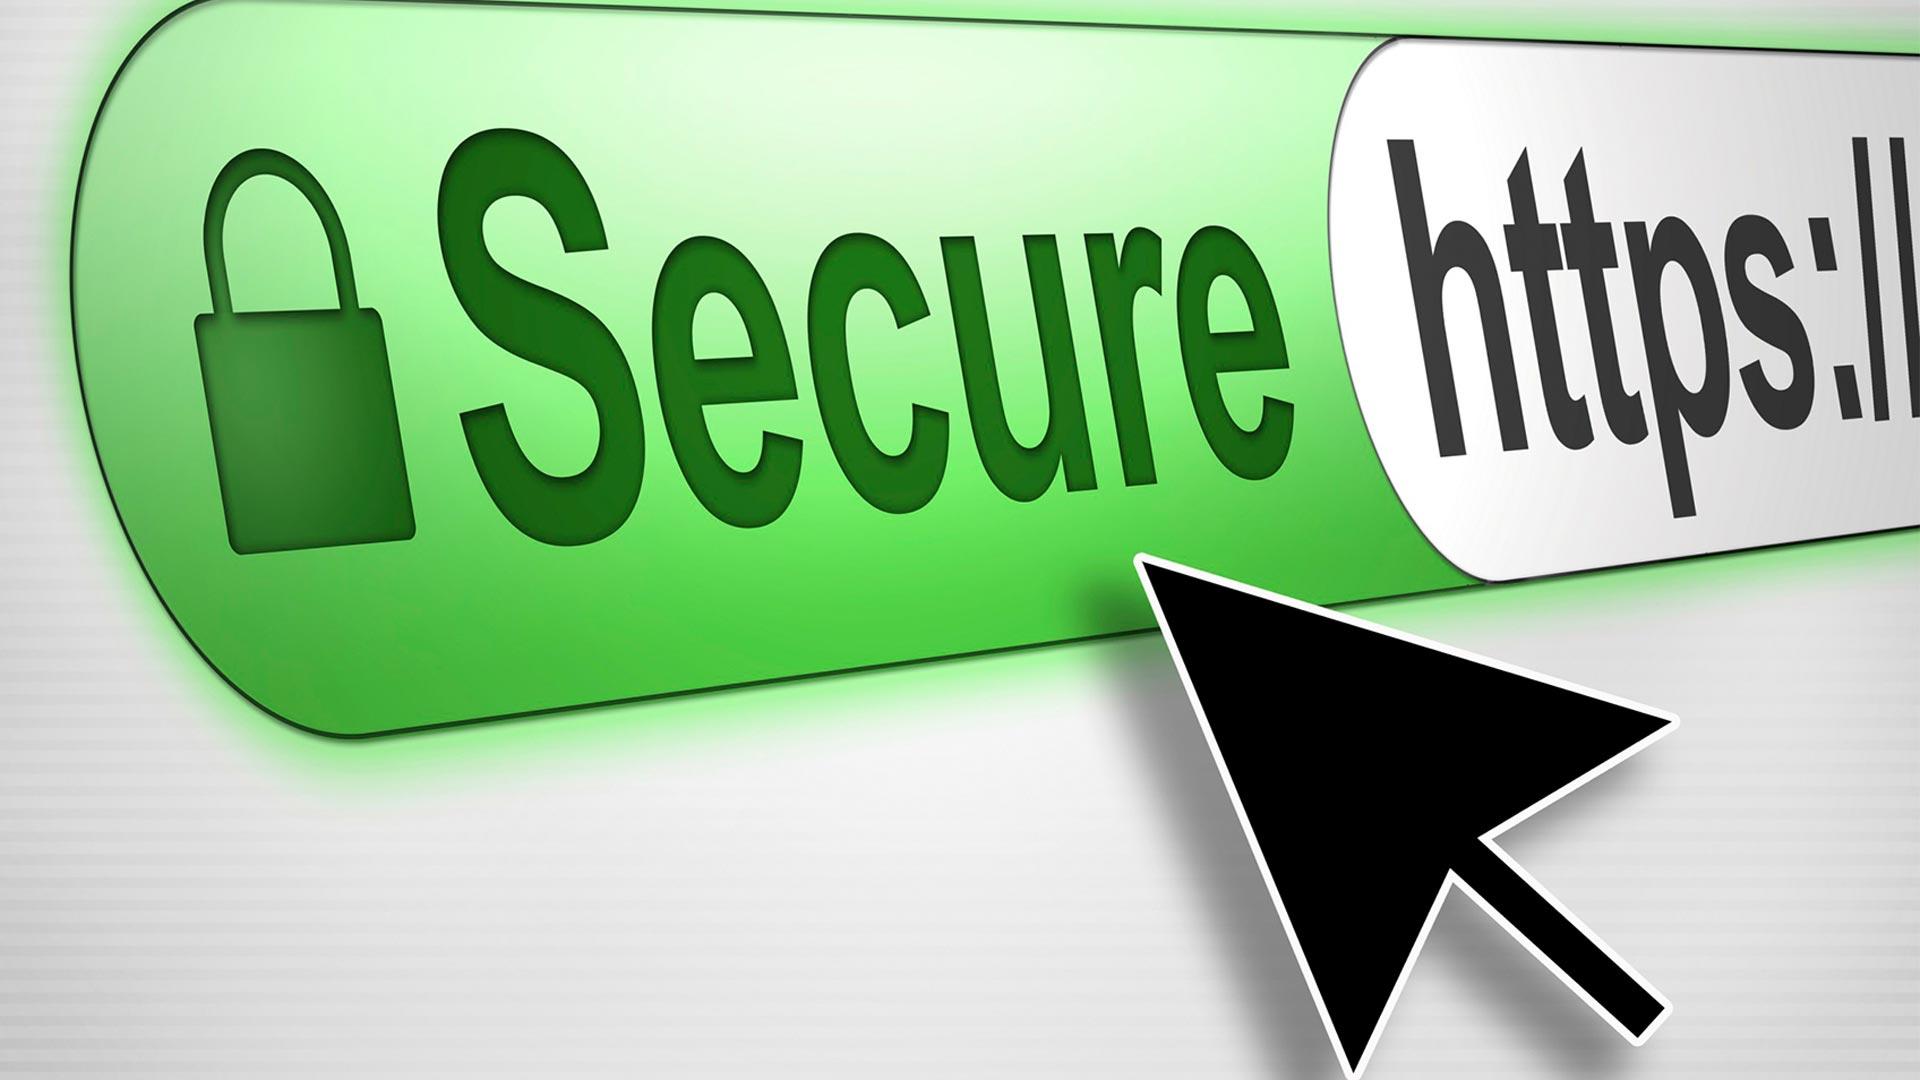 Απαραίτητο πλέον το SSL για την Google! - Eshoped Blog 023ed922301